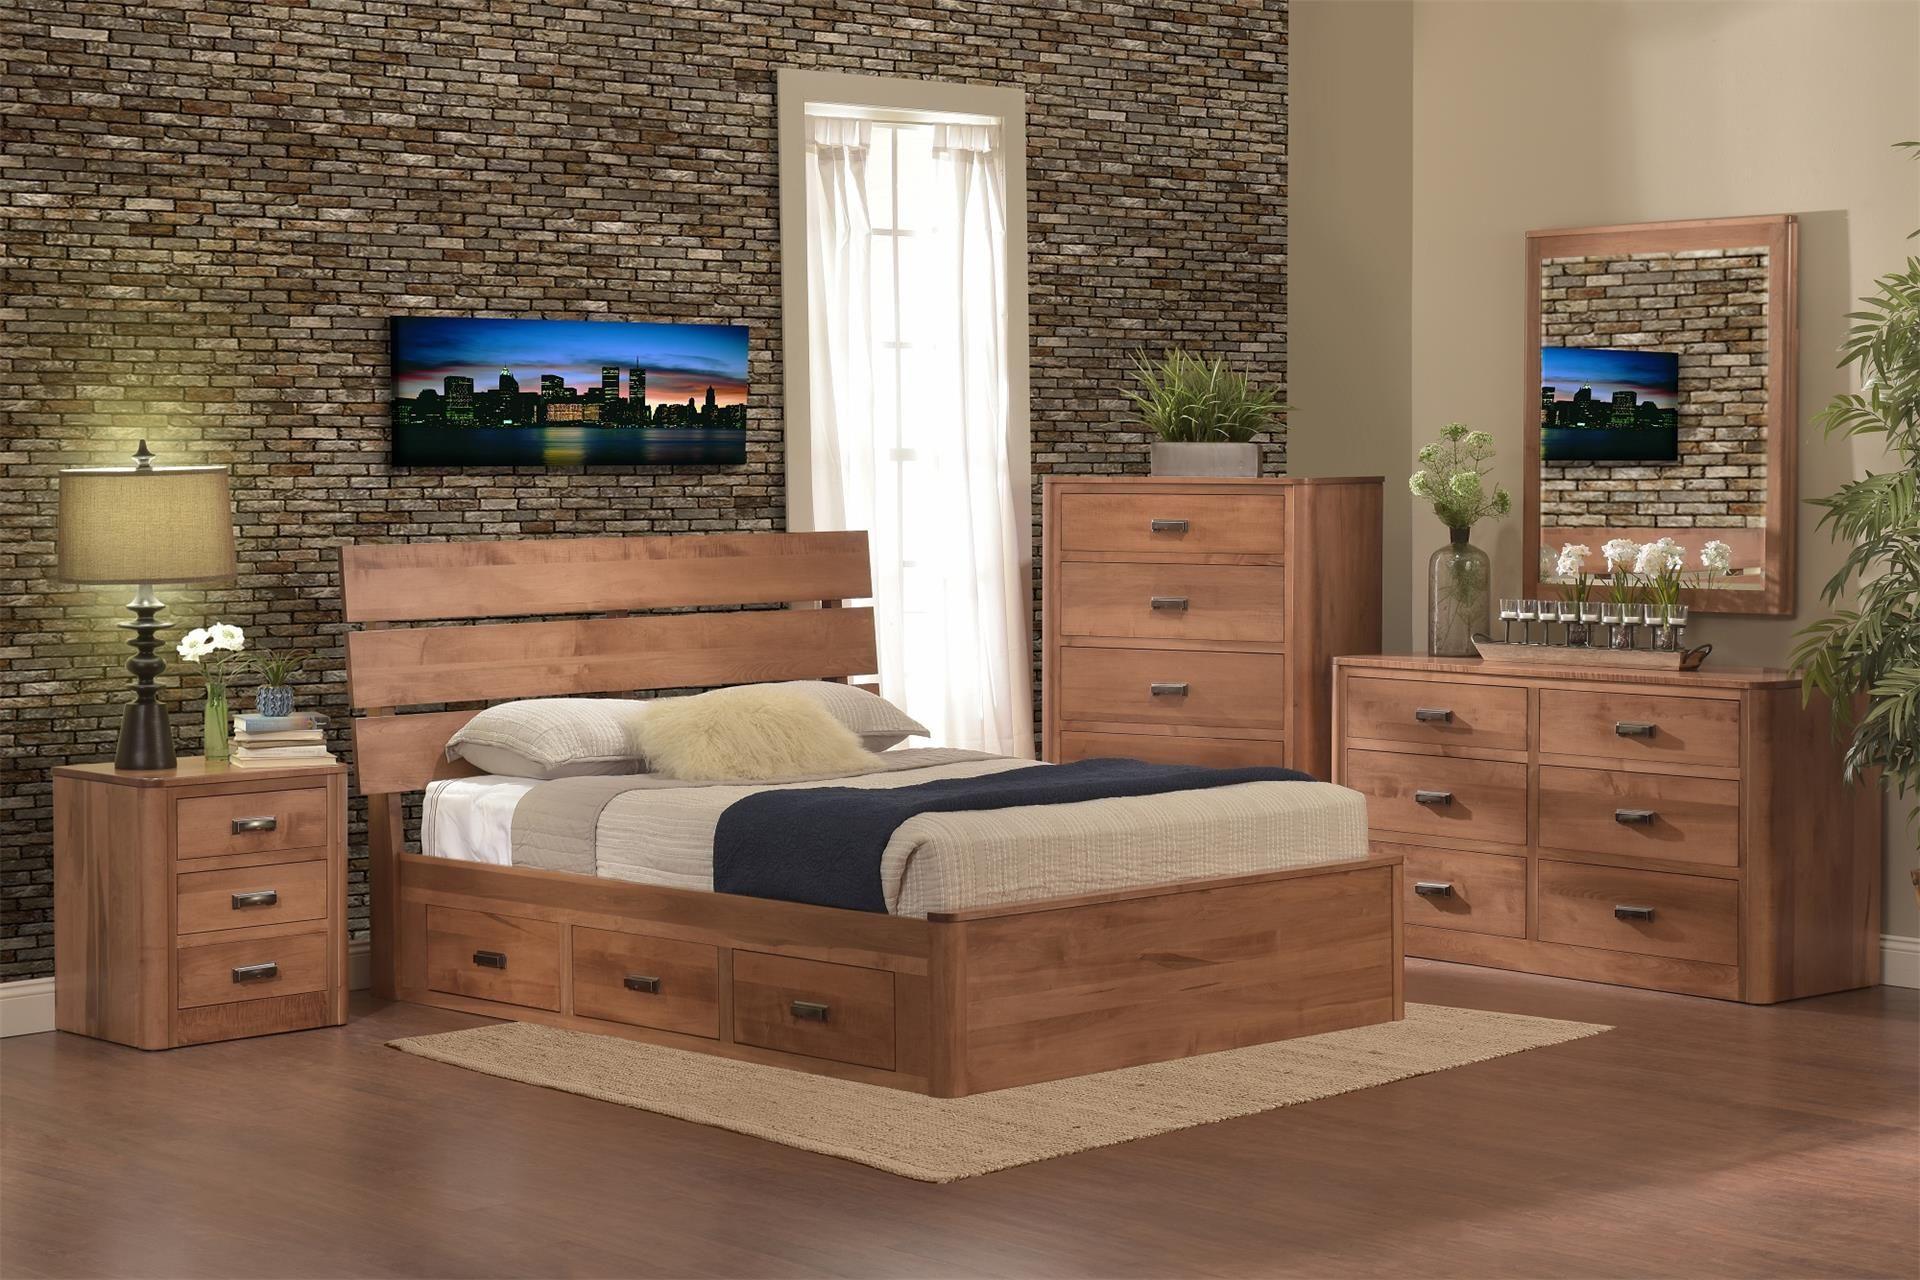 Amish Galaxy Storage Bed Bedroom Suite Millcraft Bedroom Collection The  Amish Galaxy Storage Bedroom Set Brings